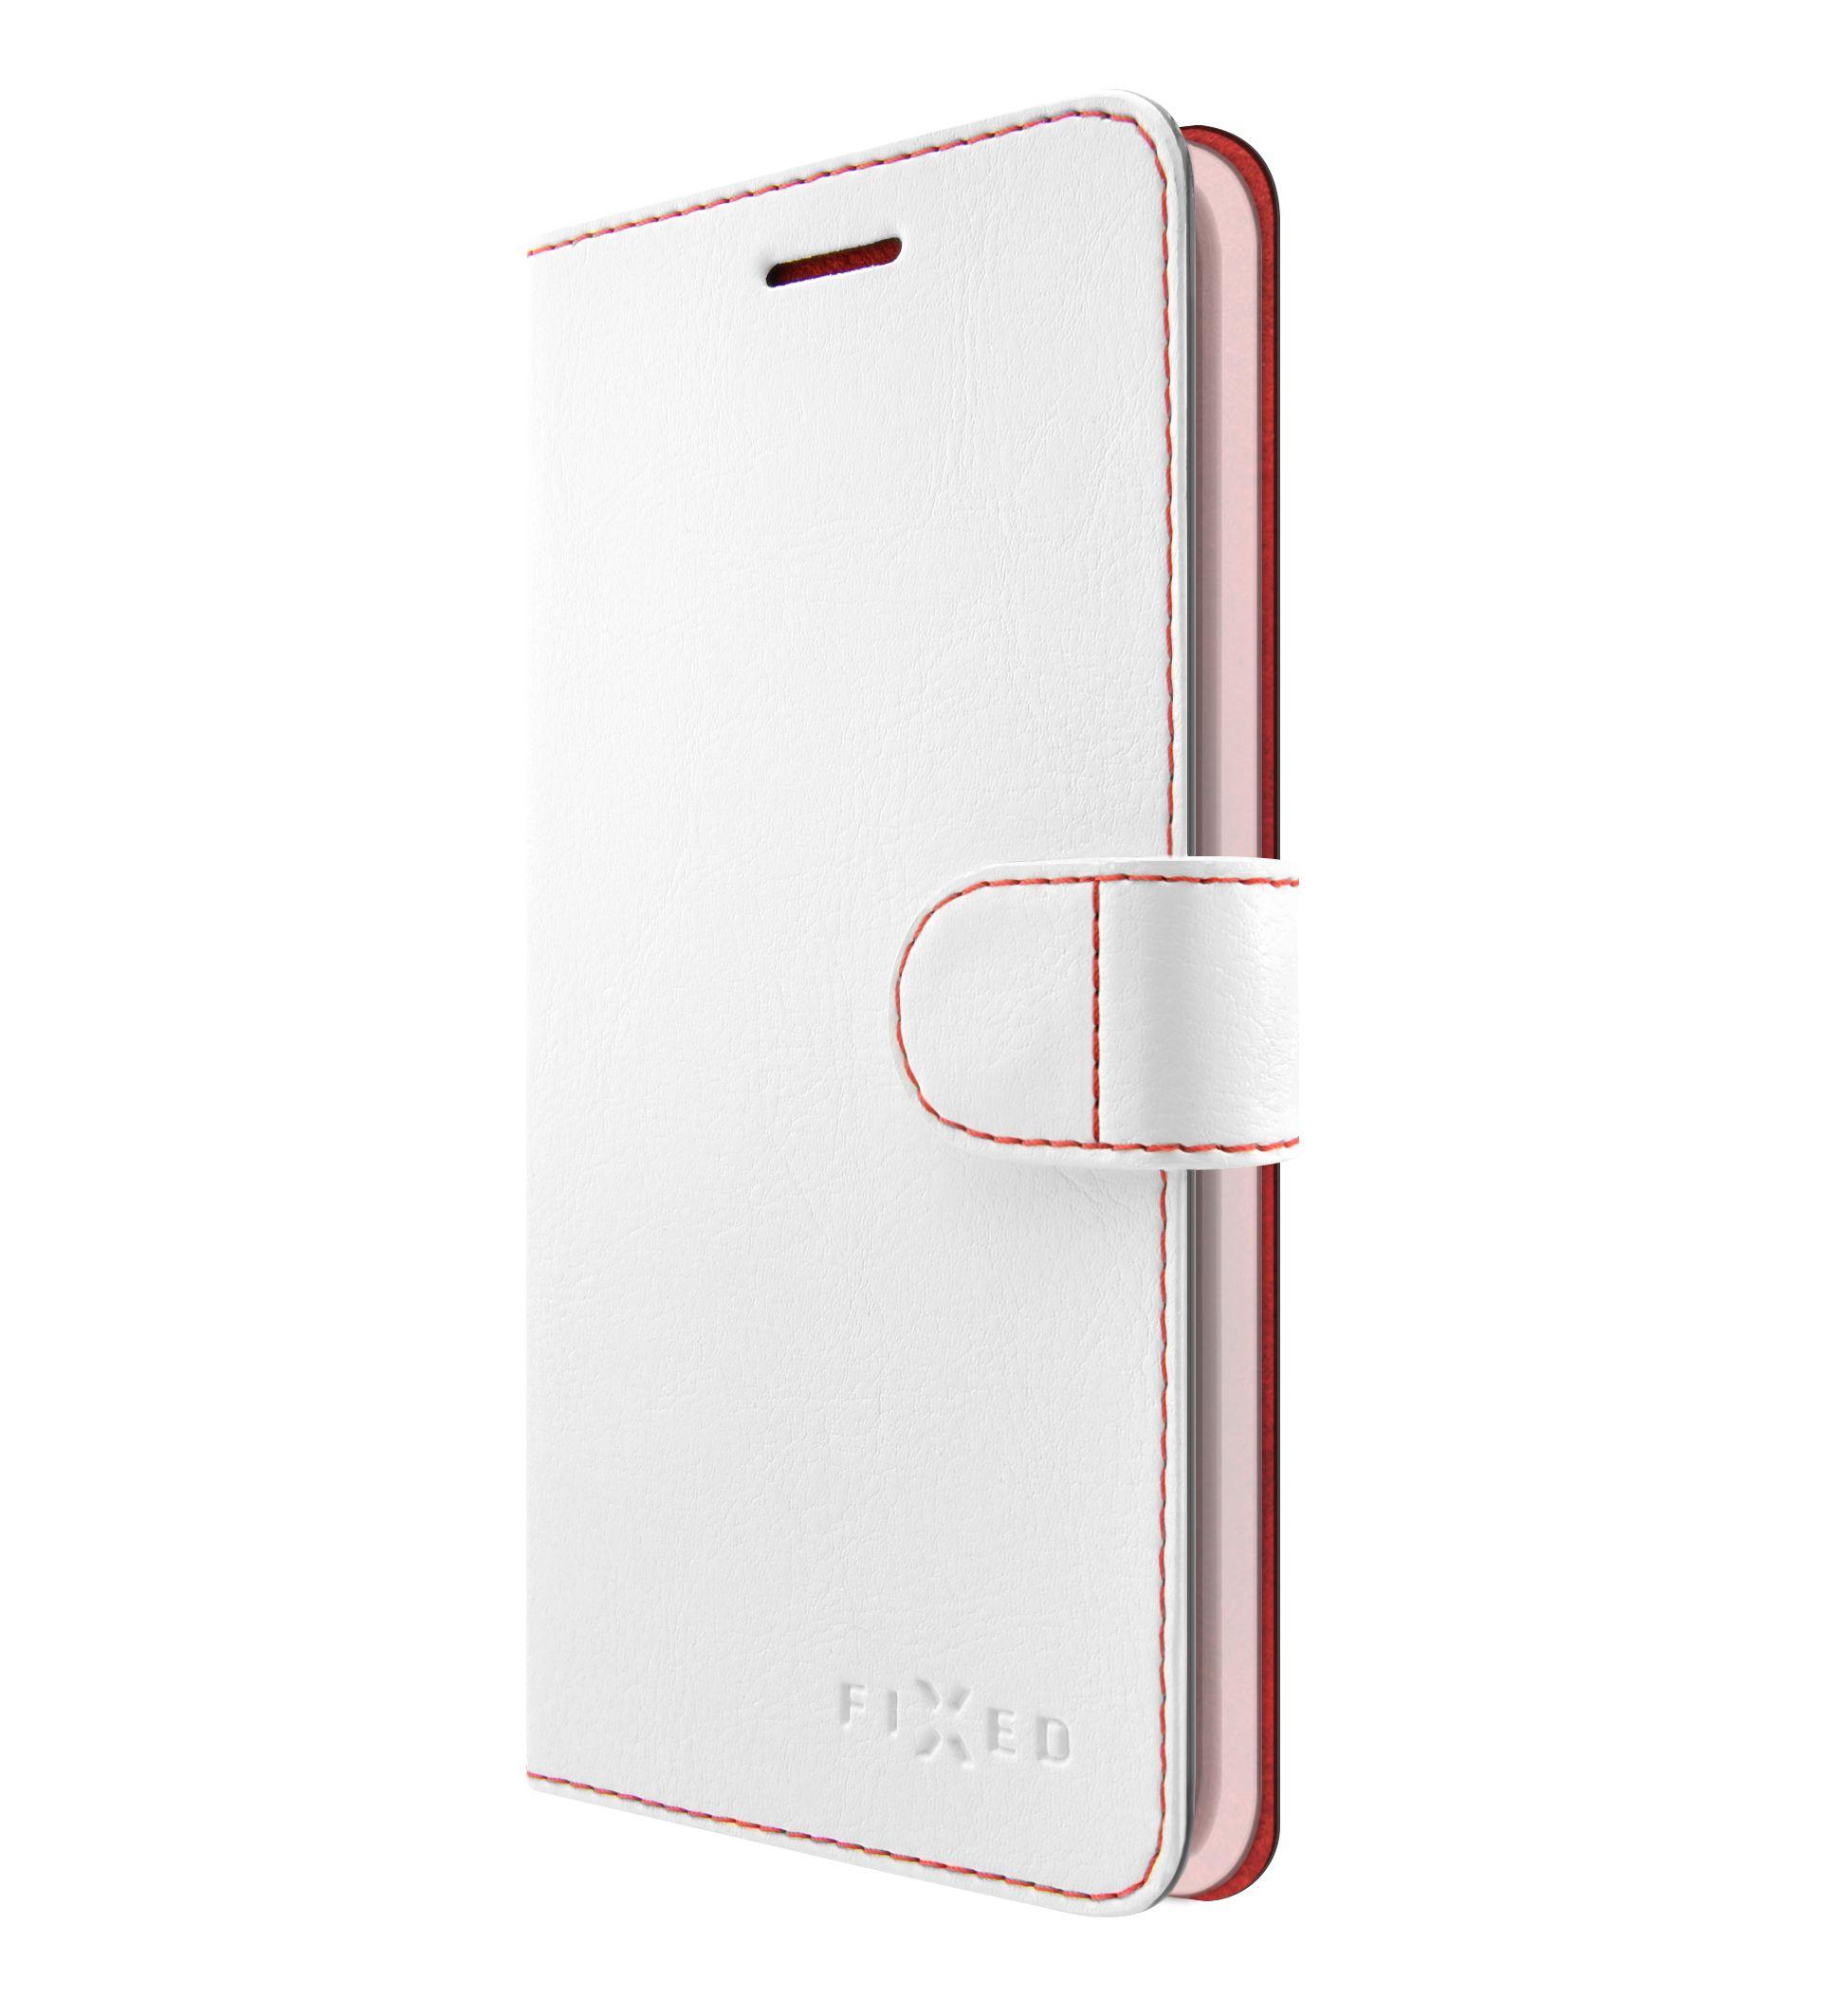 Flipové pouzdro FIXED FIT pro Huawei Y7 Prime (2018), bílé